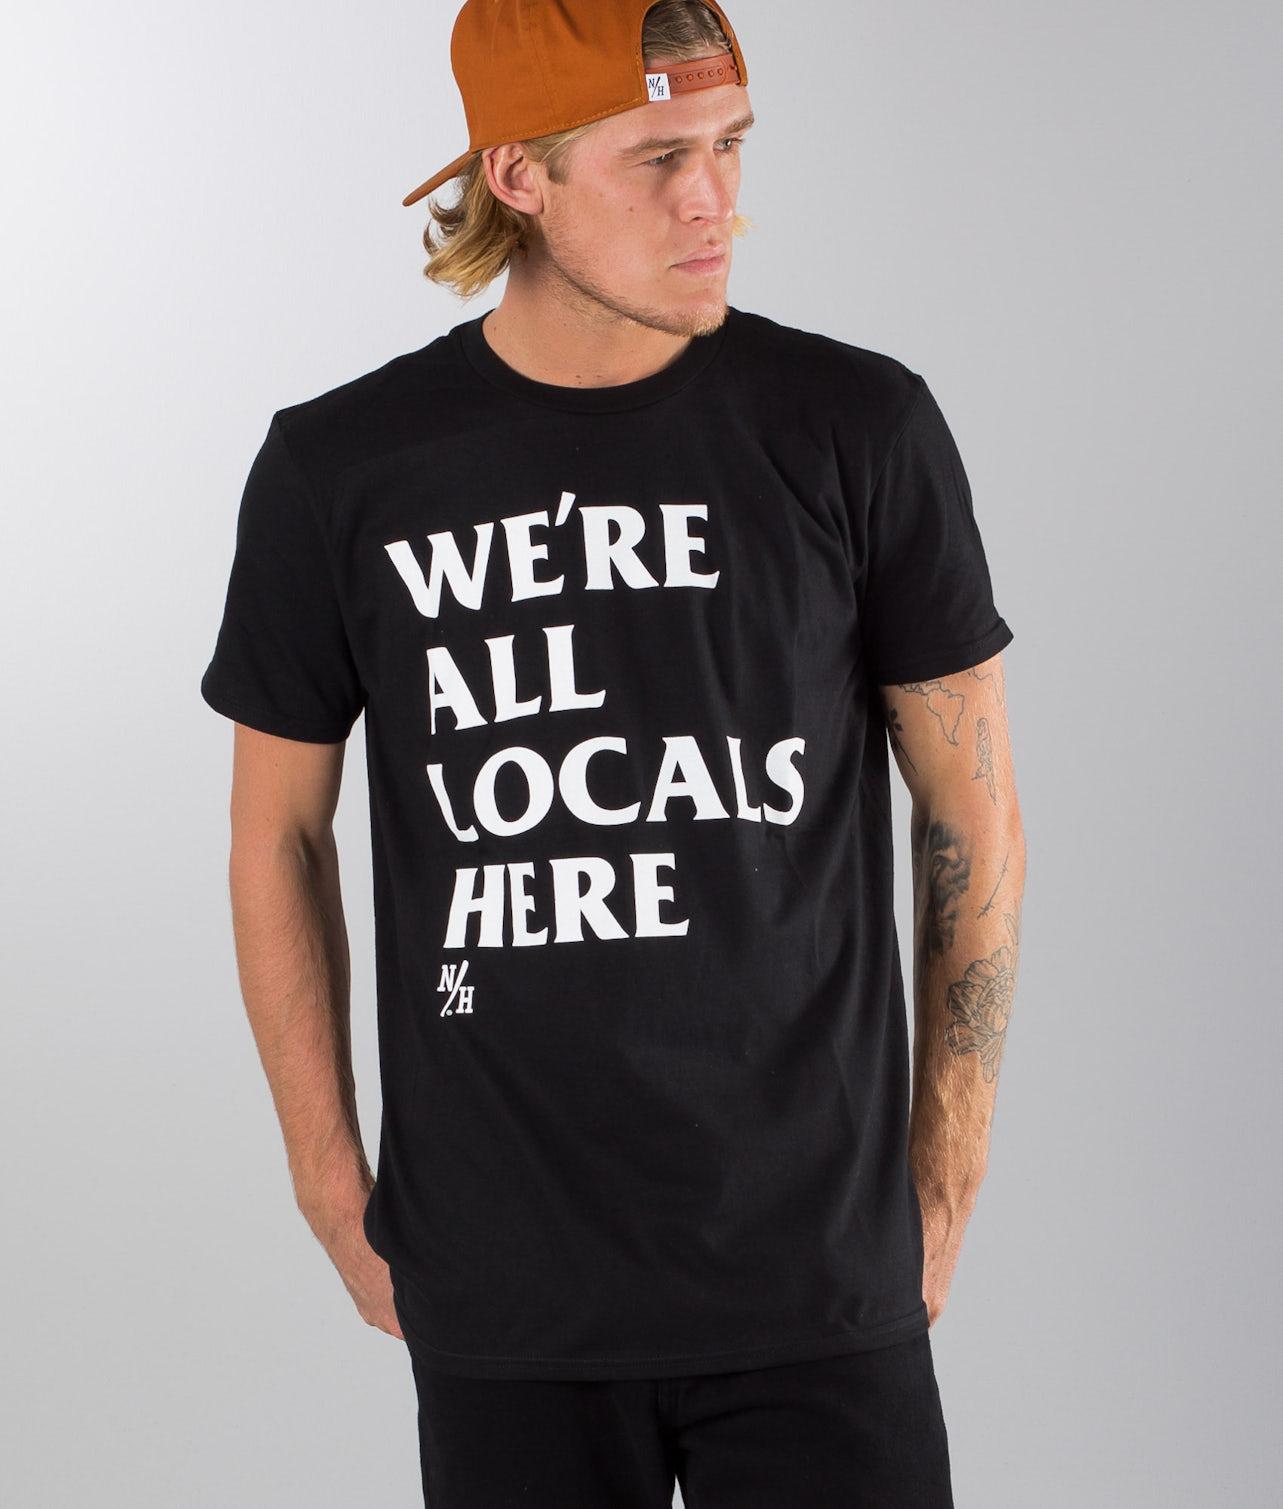 Kjøp All Locas (FSDT)s T-shirt fra Northern Hooligans på Ridestore.no - Hos oss har du alltid fri frakt, fri retur og 30 dagers åpent kjøp!